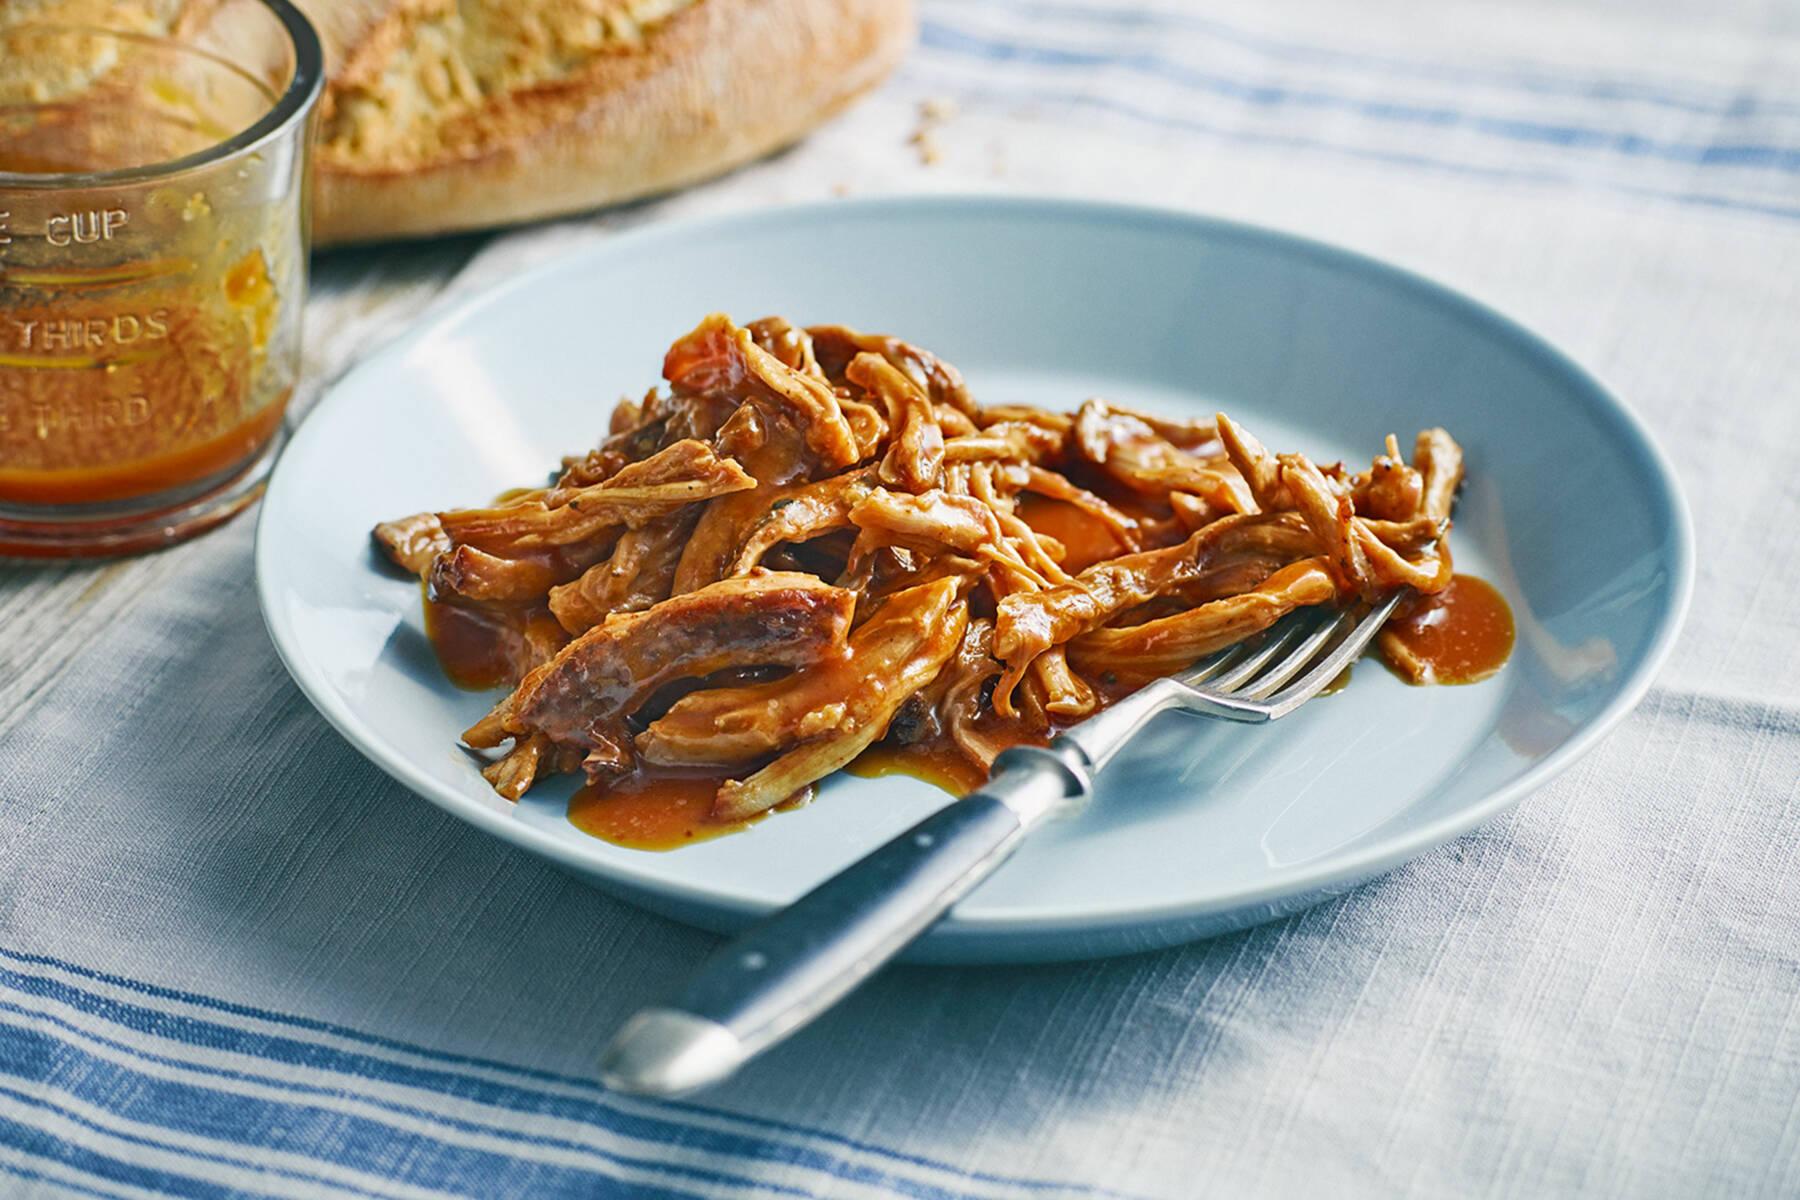 Pulled Pork Rezept - Schweinebraten gezupft | Küchengötter